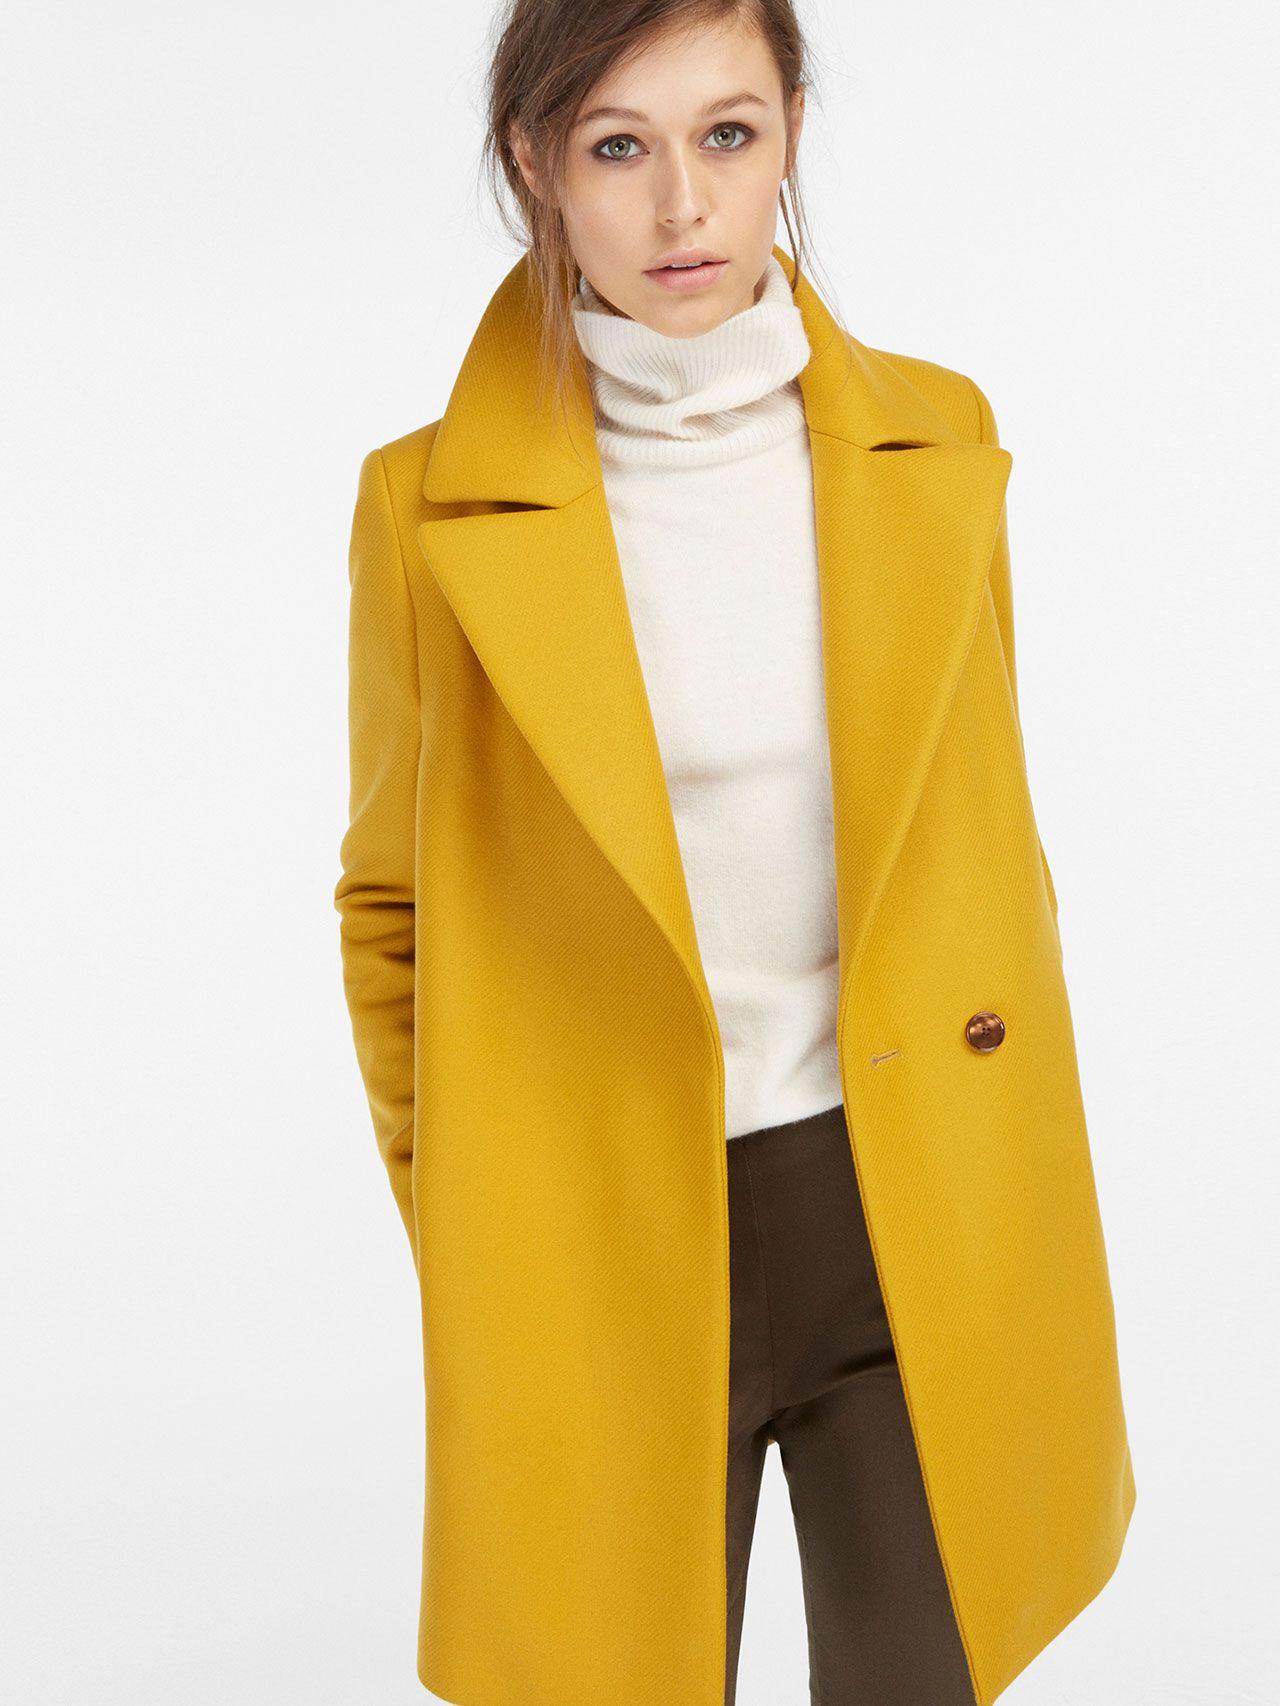 Manteau jaune moutarde femme